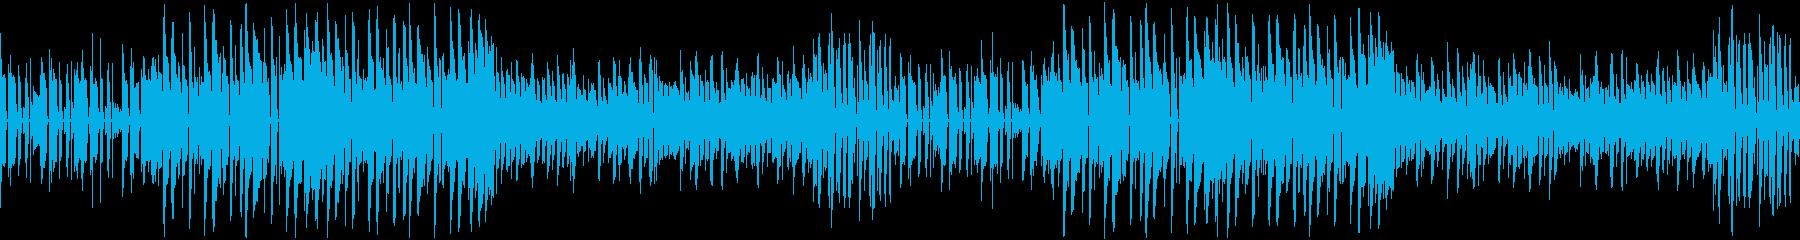 可愛い雰囲気のポップなEDMの再生済みの波形